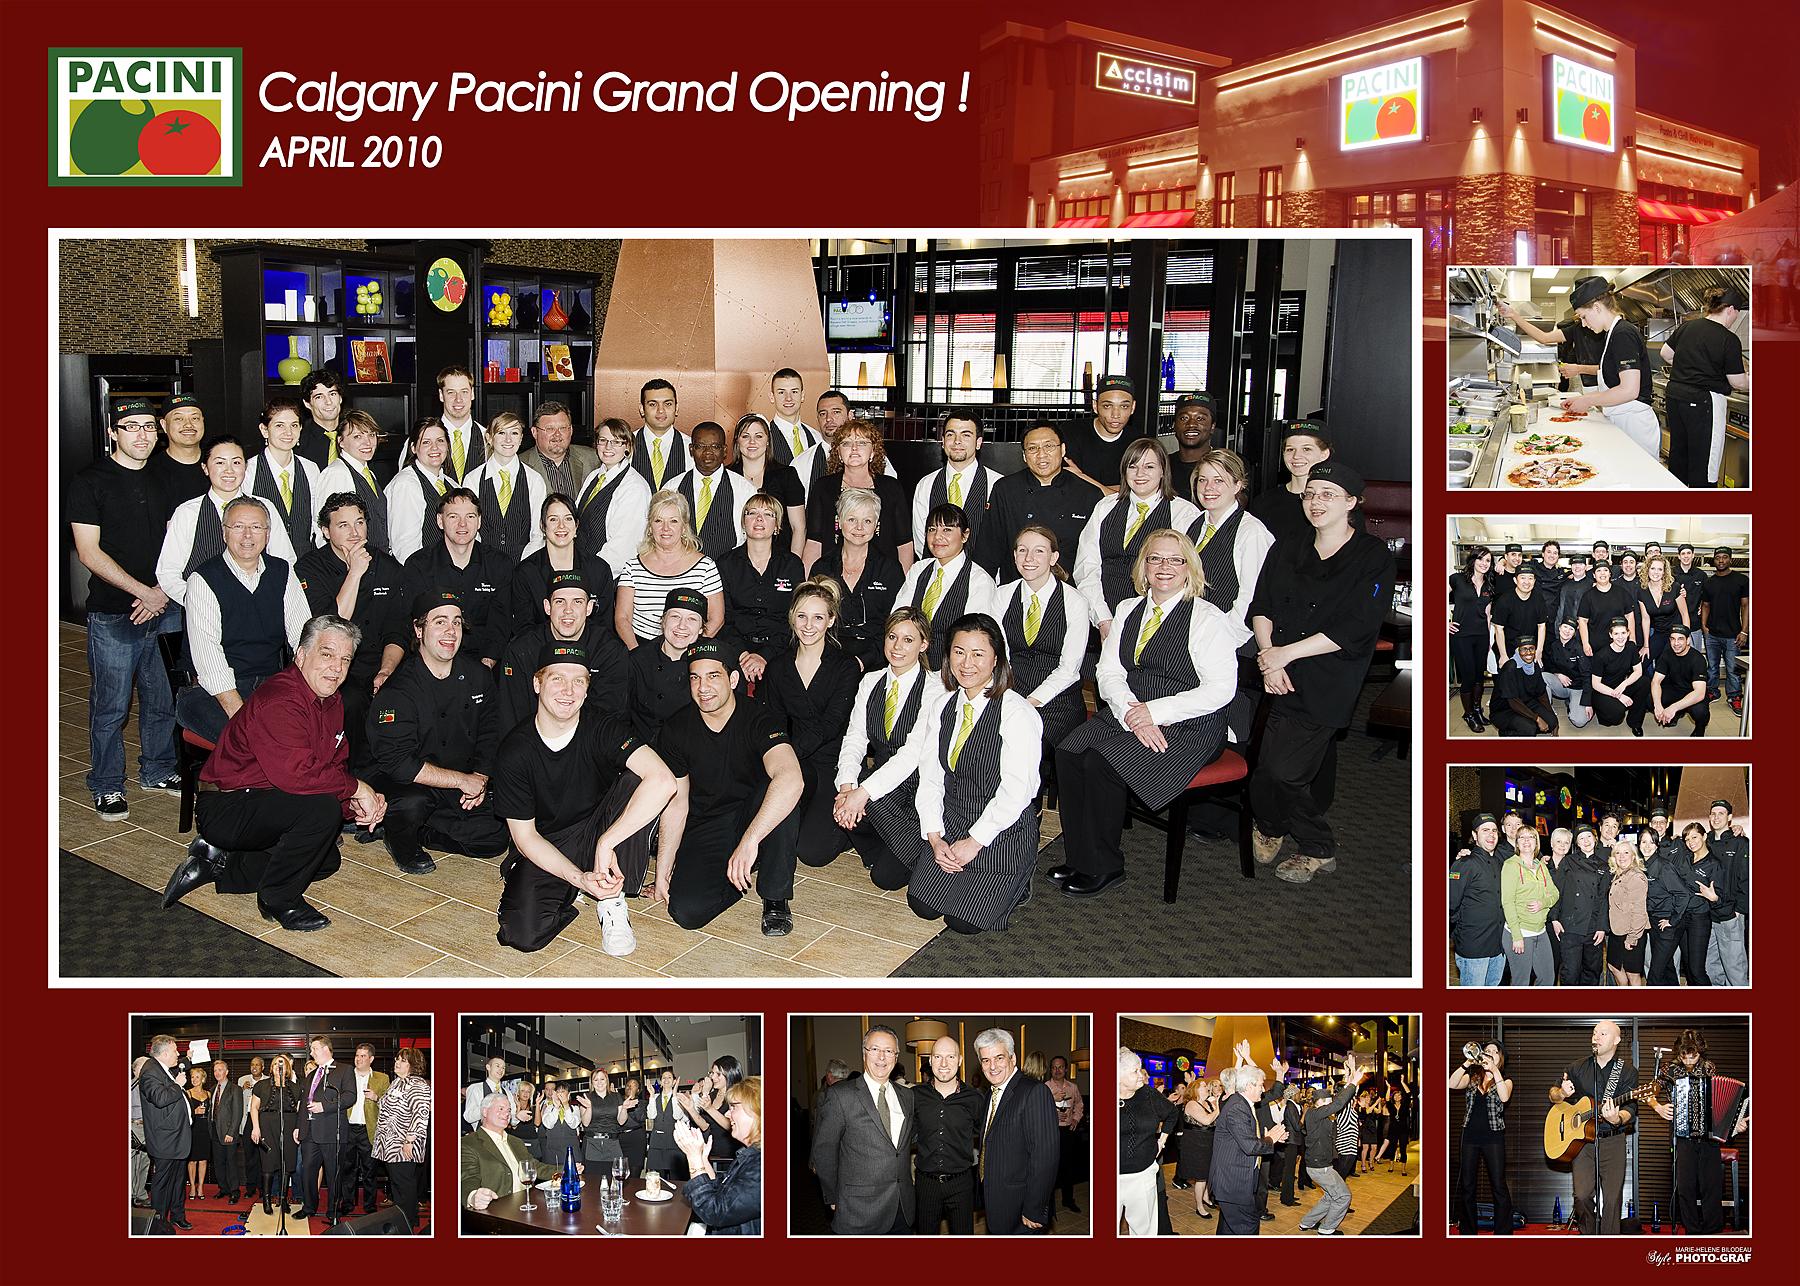 Calgary Pacini Opening 2010